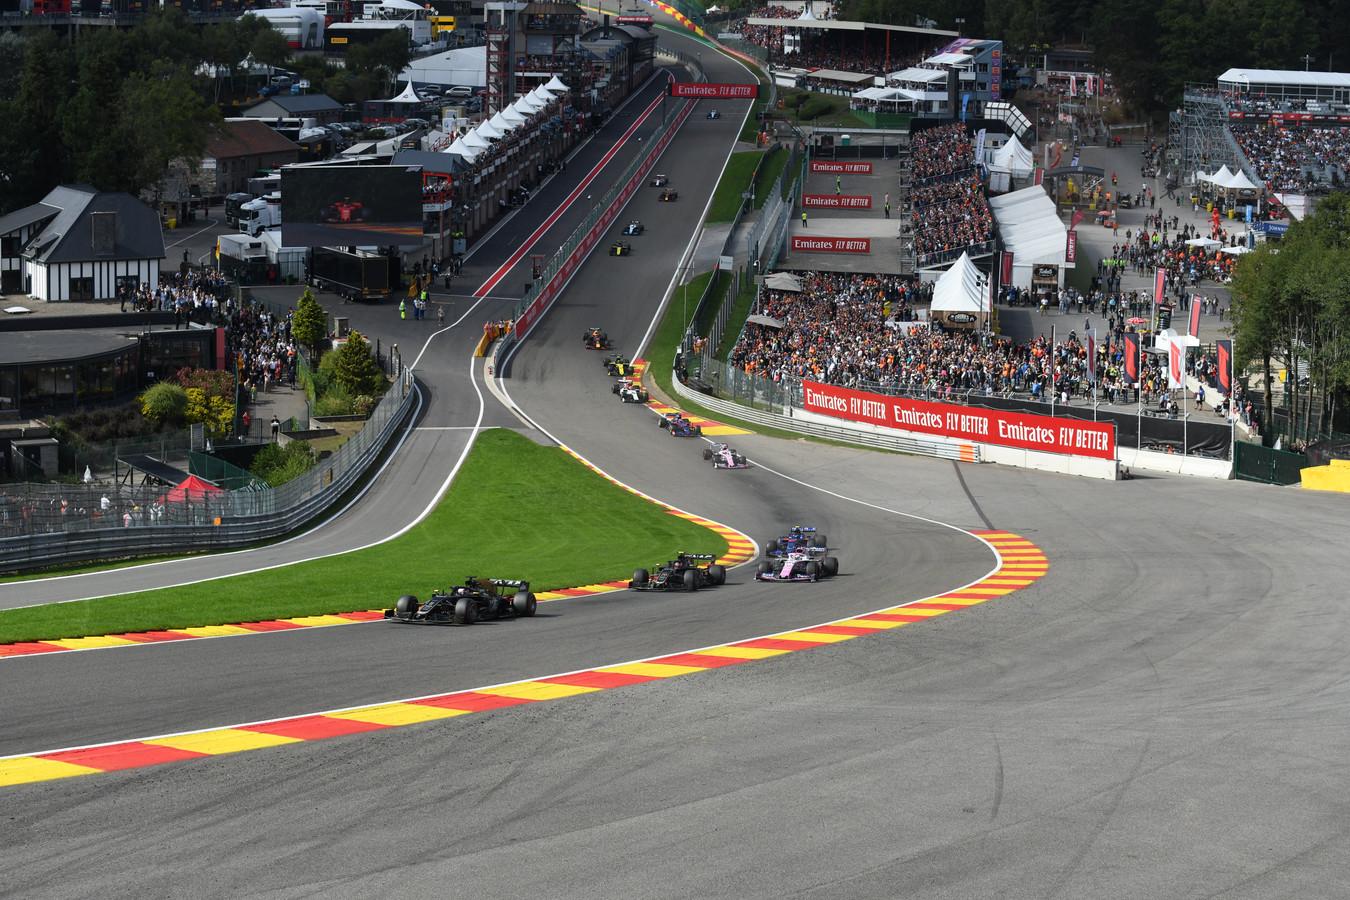 Le GP de Belgique de Formule 1 à Spa-Francorchamps, édition 2019.